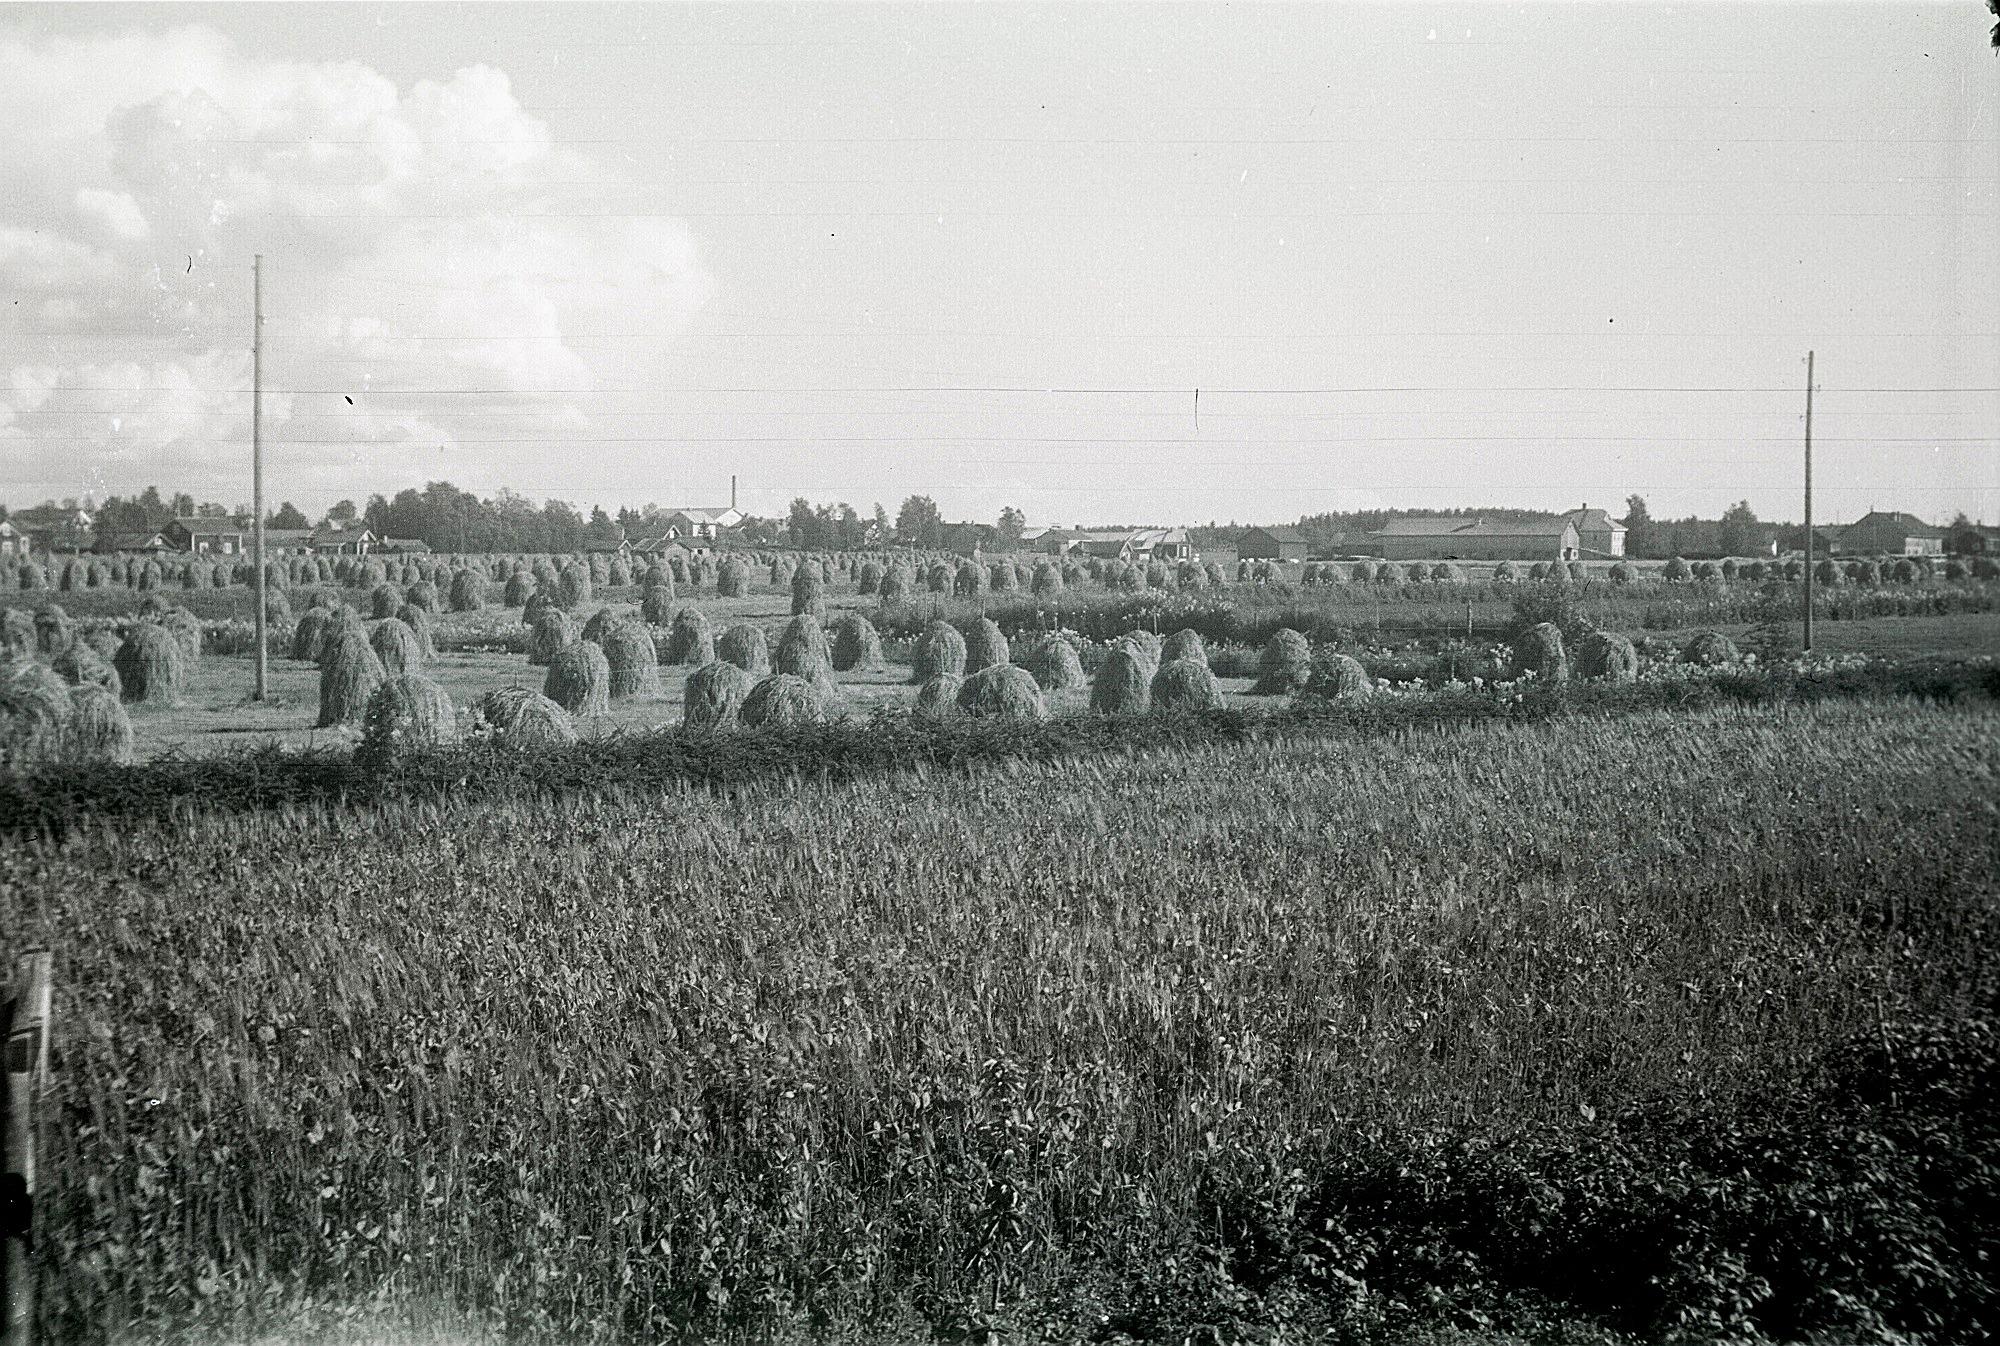 Fotot taget i skördetider år 1929 från Björses gårdarna upp mot Knusbackan. Till vänster Mitts Amandas gård, sedan Selim och Elsa Guldbergs och sedan Hulda Bergkulla. Mejeriskorstenen syns i bakgrunden.